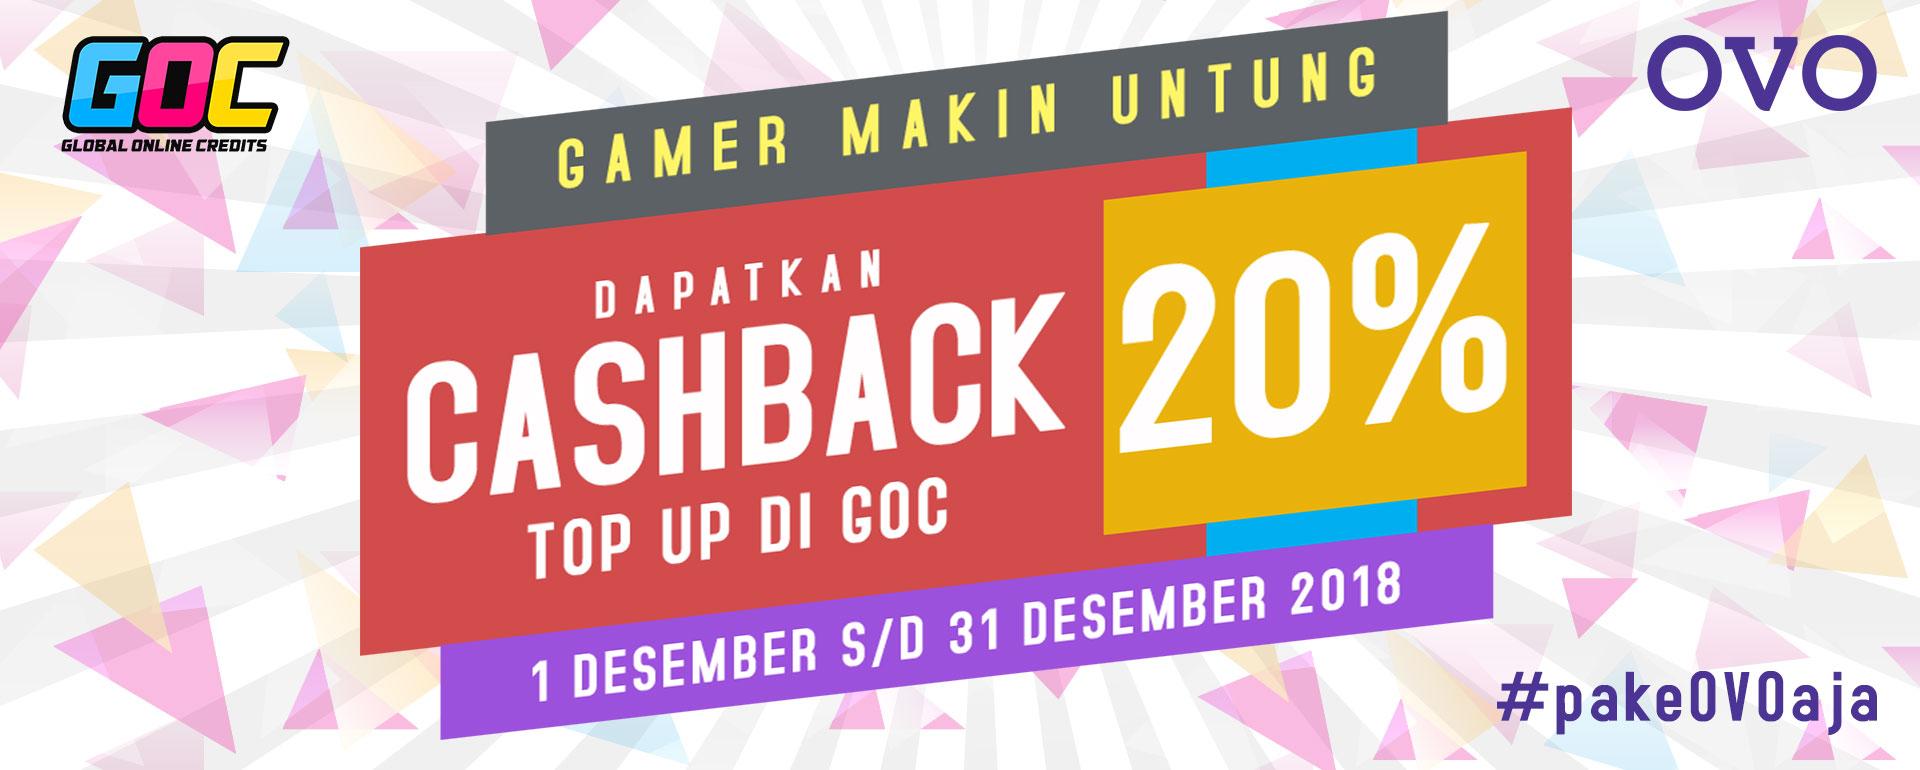 [GOC] Cashback 20% OVO Top Up di GOC